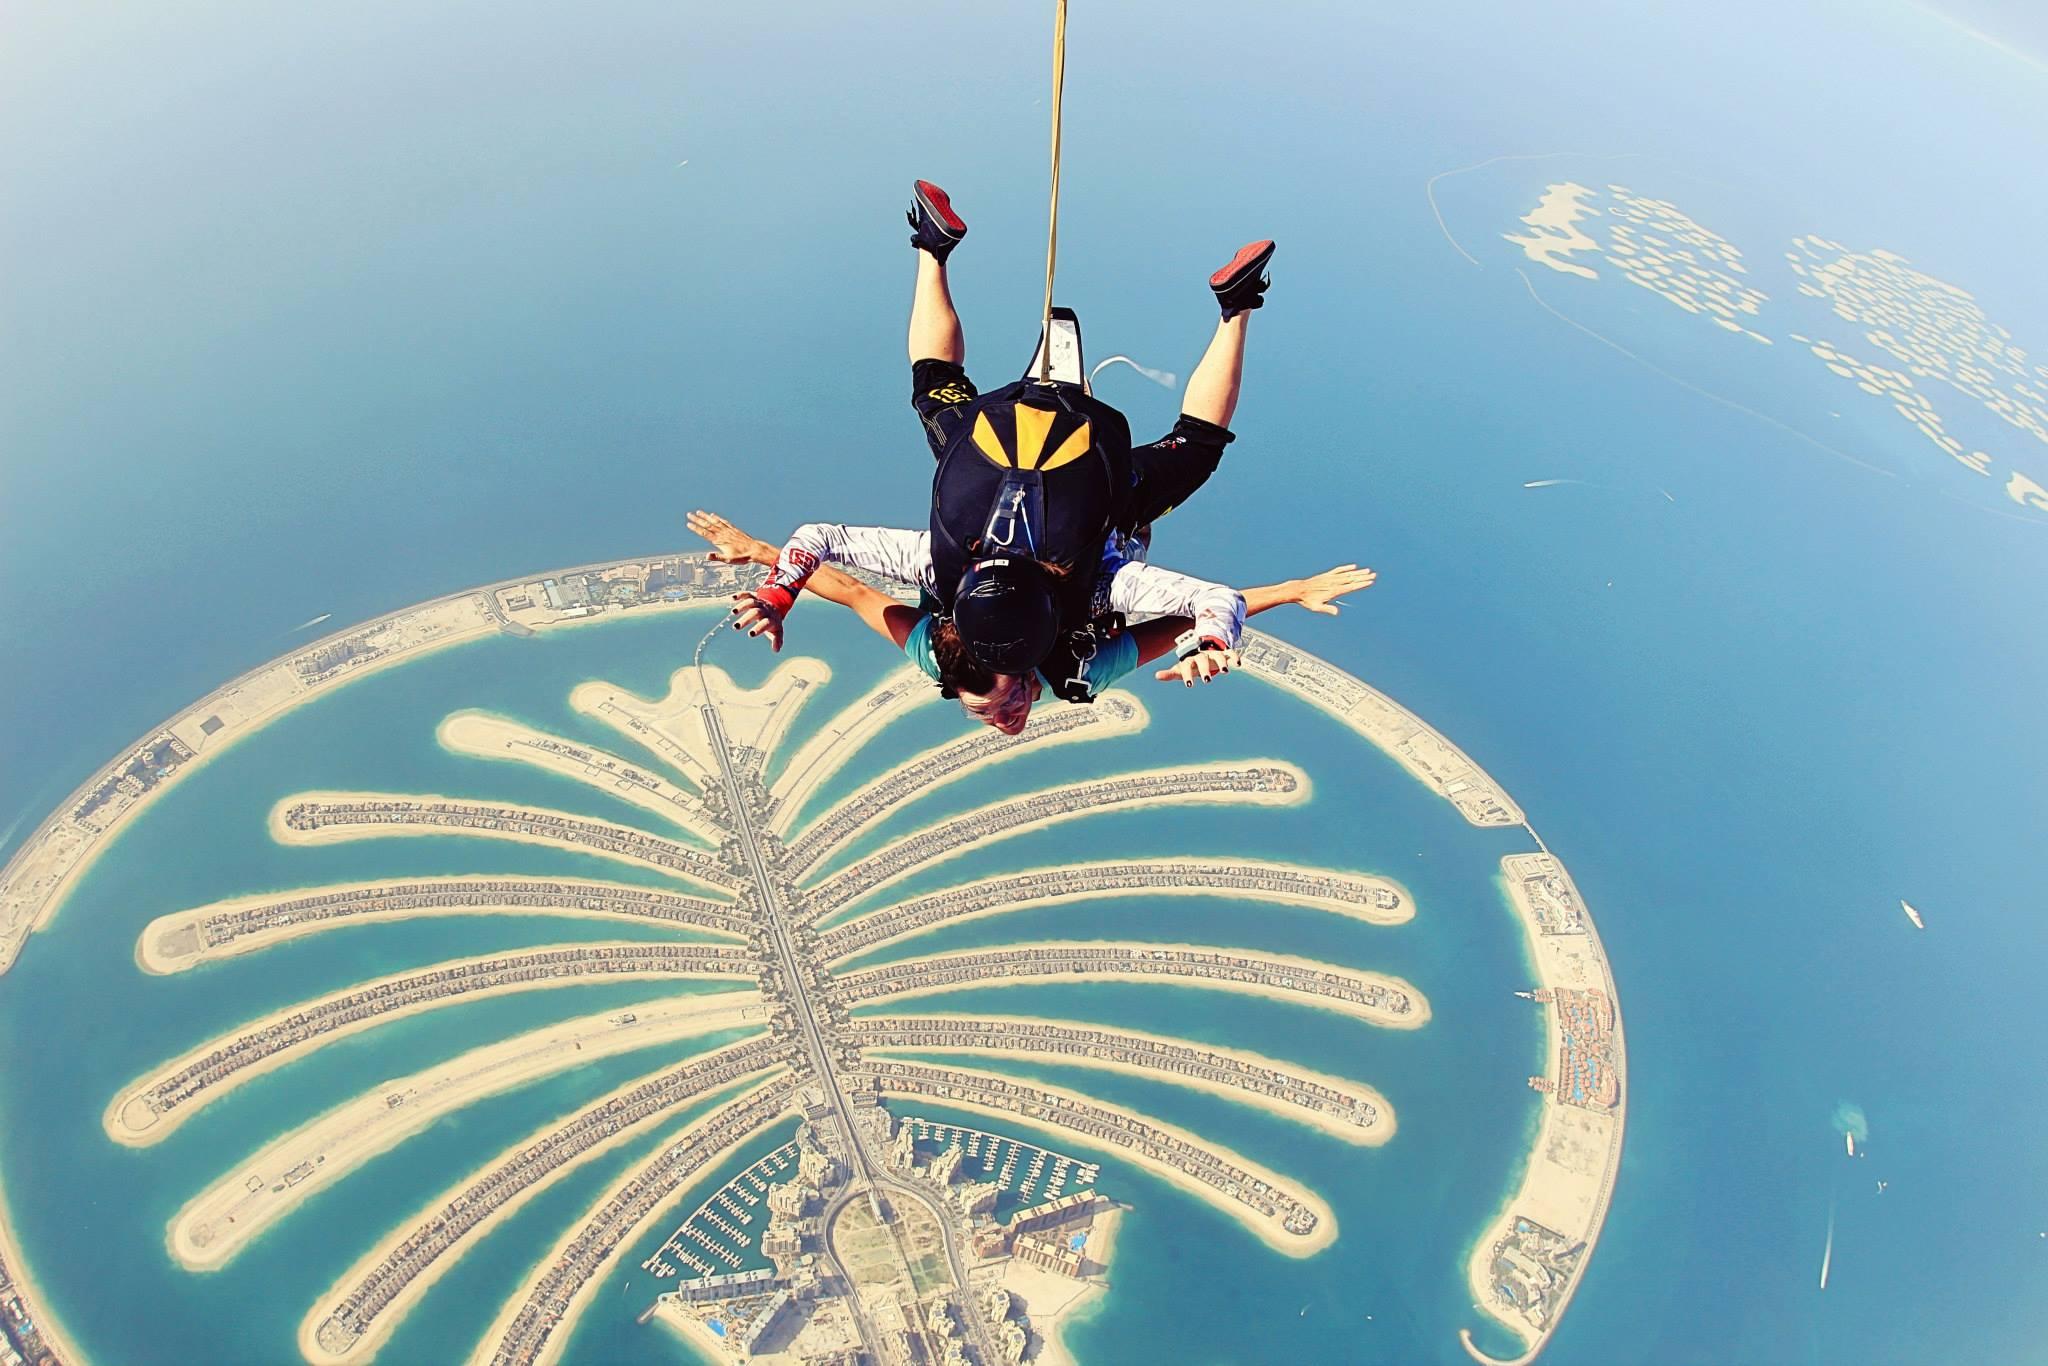 ساخت هتل ها و مراکز تفریحی روی جزیرههای نخلی دبی